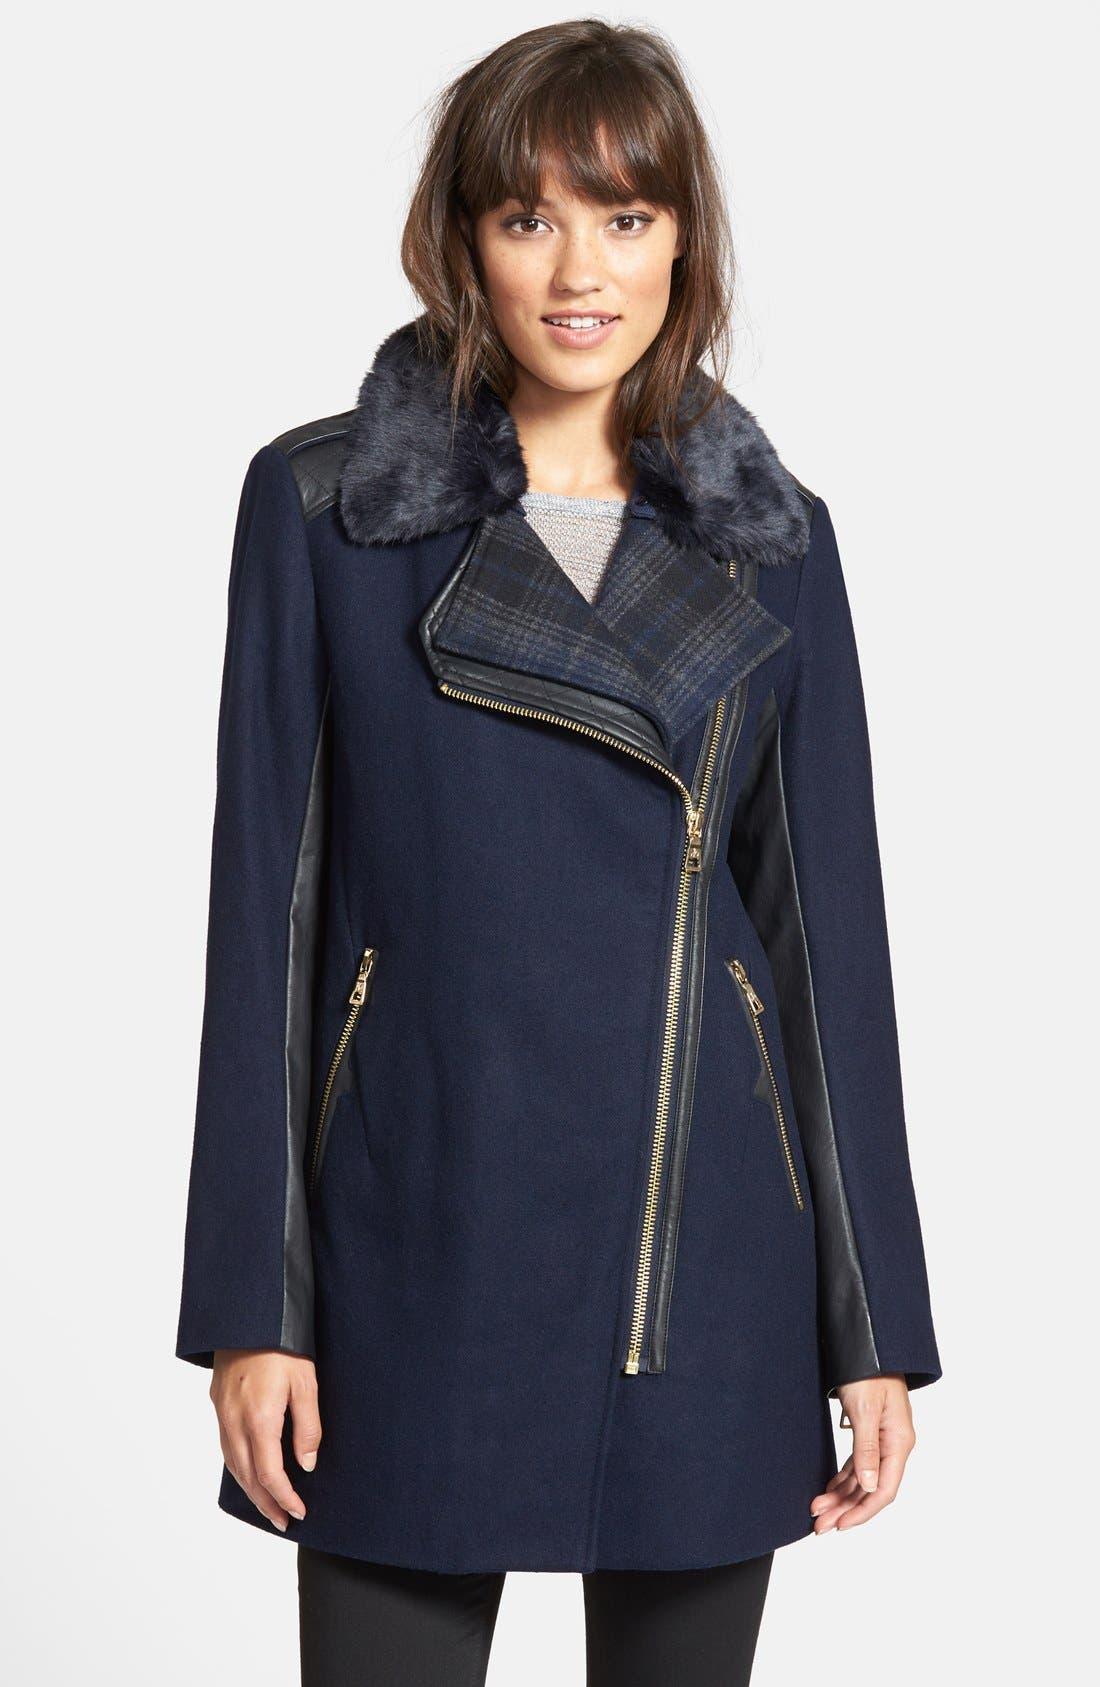 Alternate Image 1 Selected - Sam Edelman 'Leah' Faux Fur & Plaid Trim Asymmetrical Coat